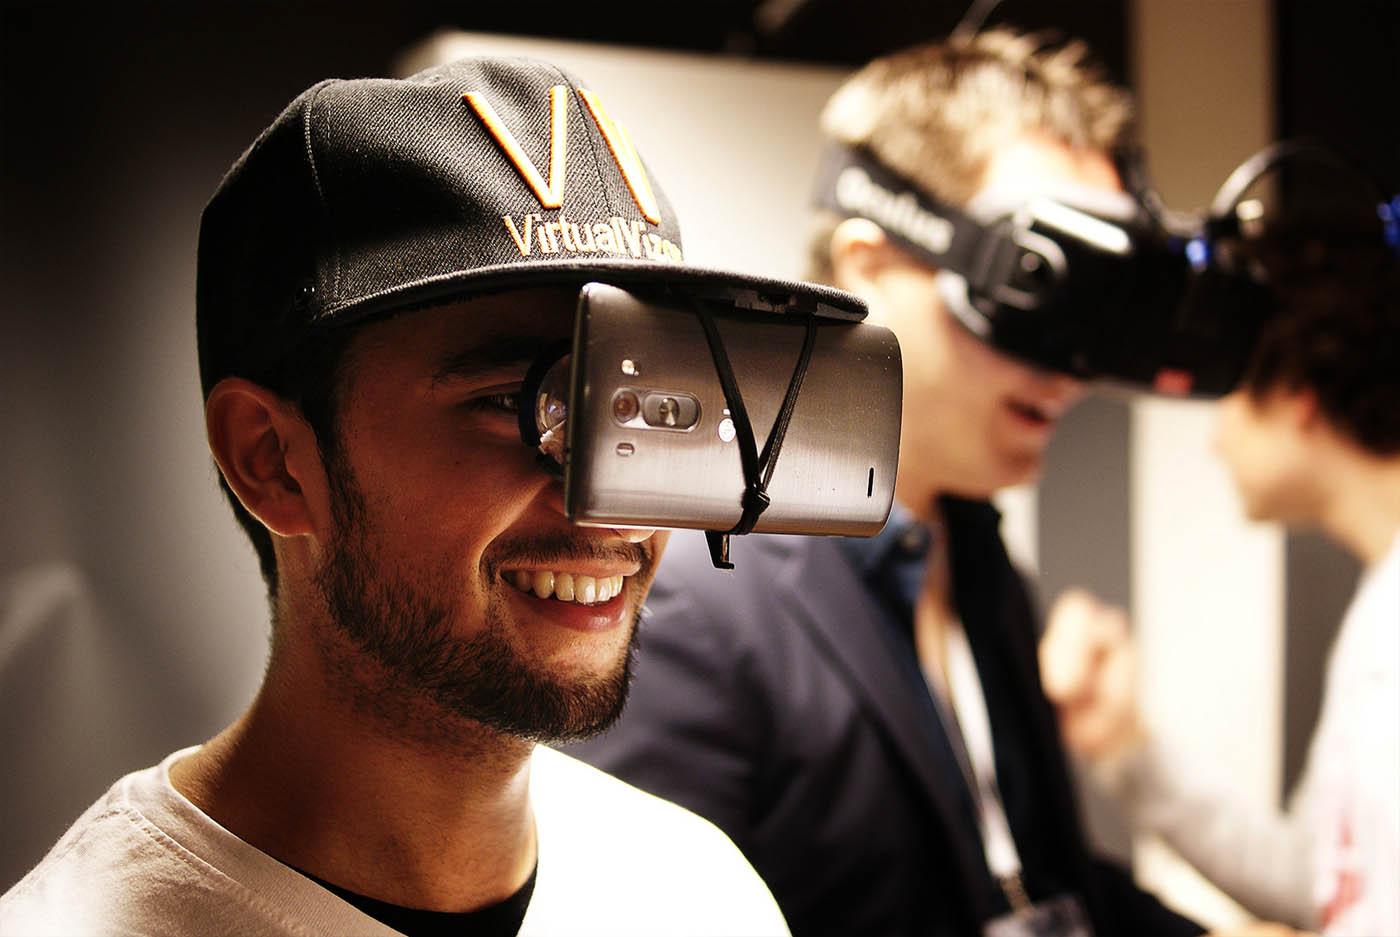 Keine guten Aussichten für VR-Brillen